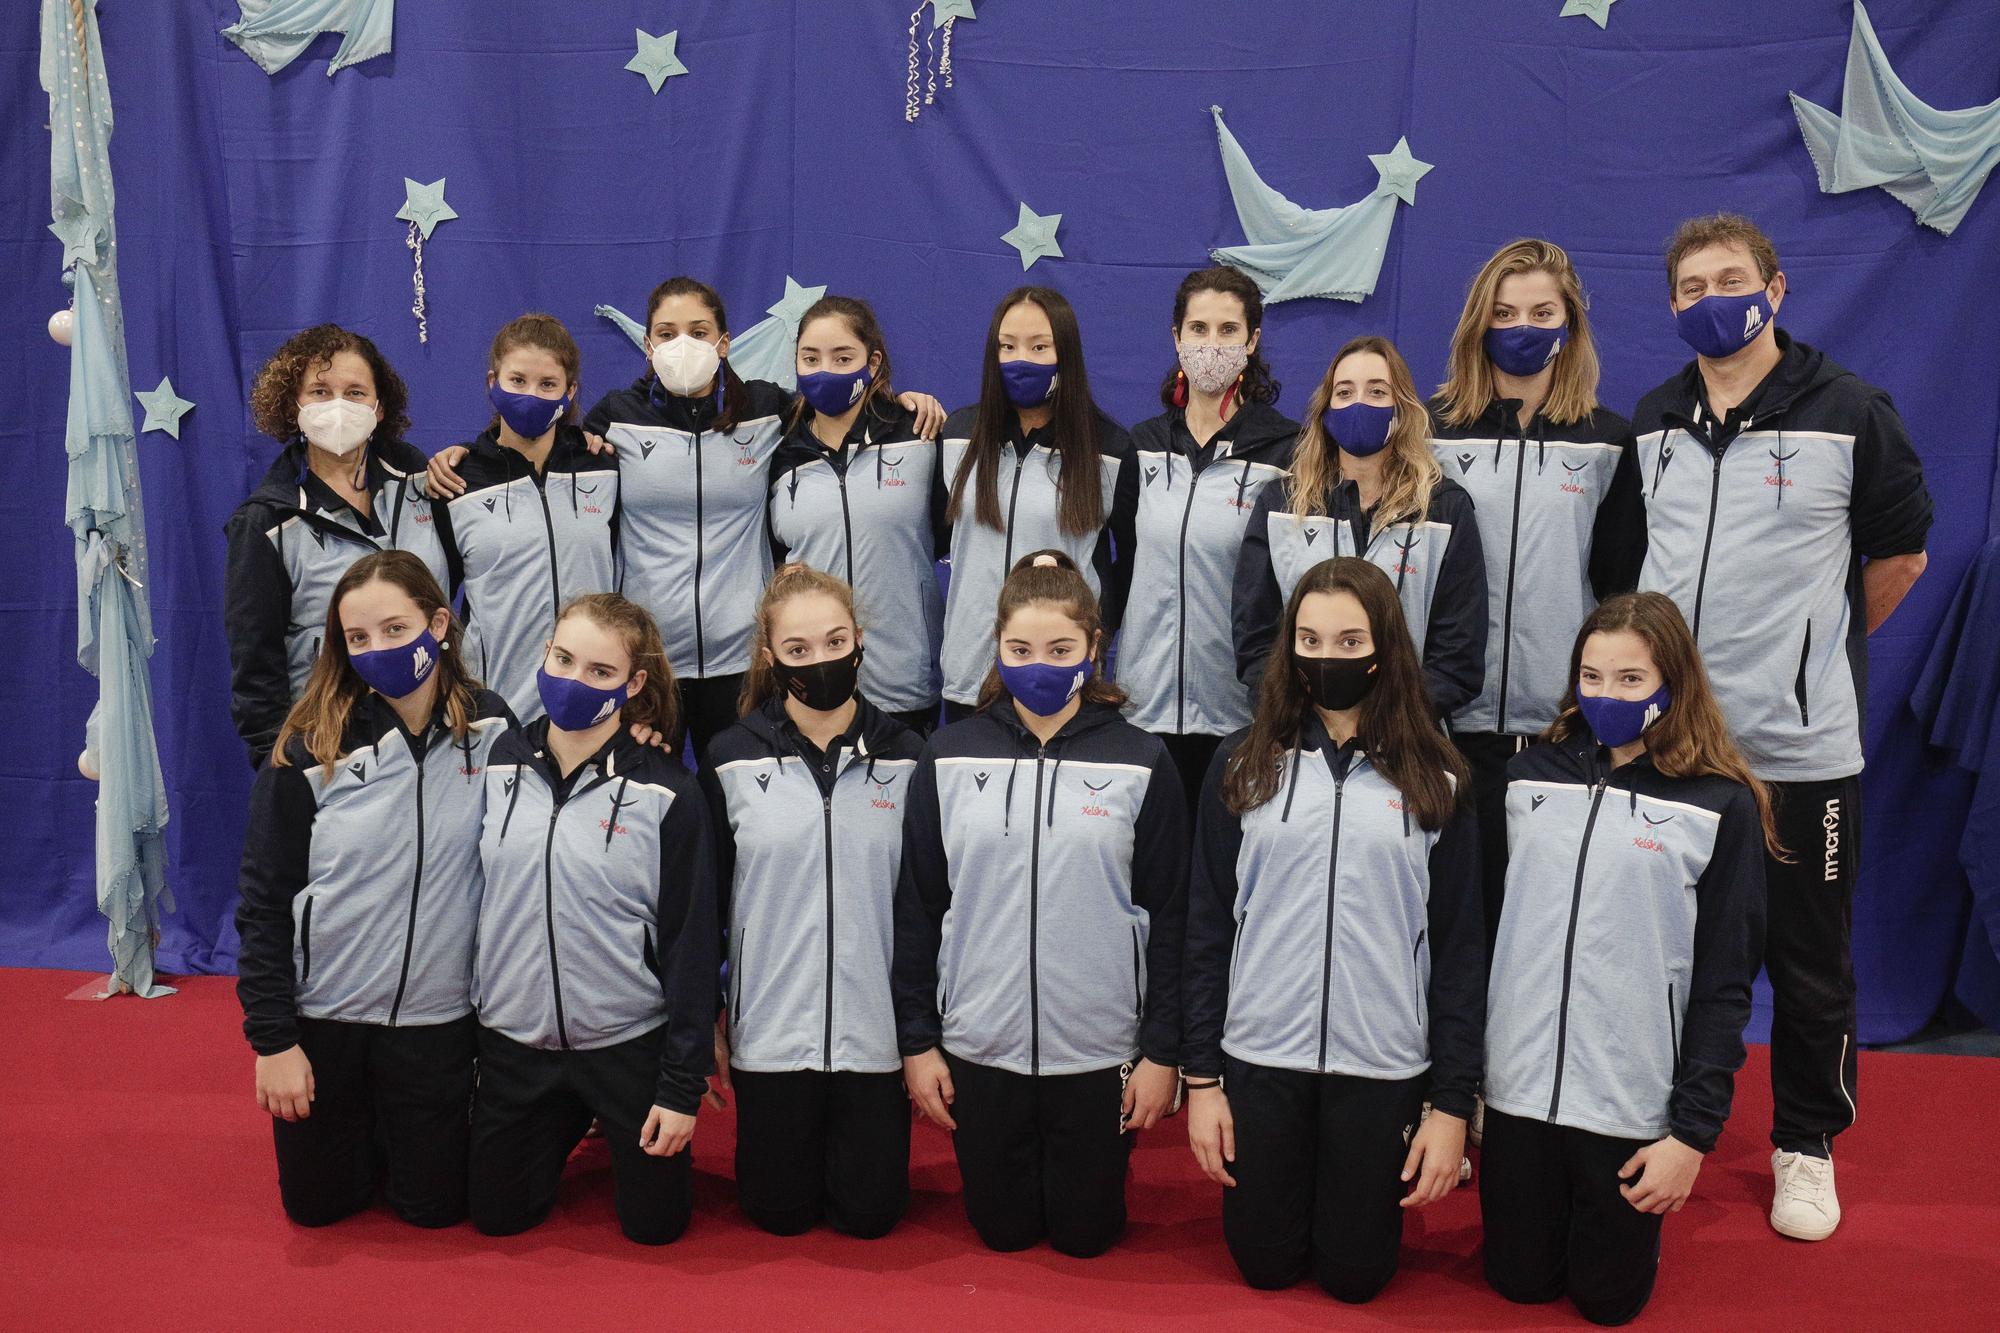 El Xelska se hace por primera vez con el título de la Liga Iberdrola femenina